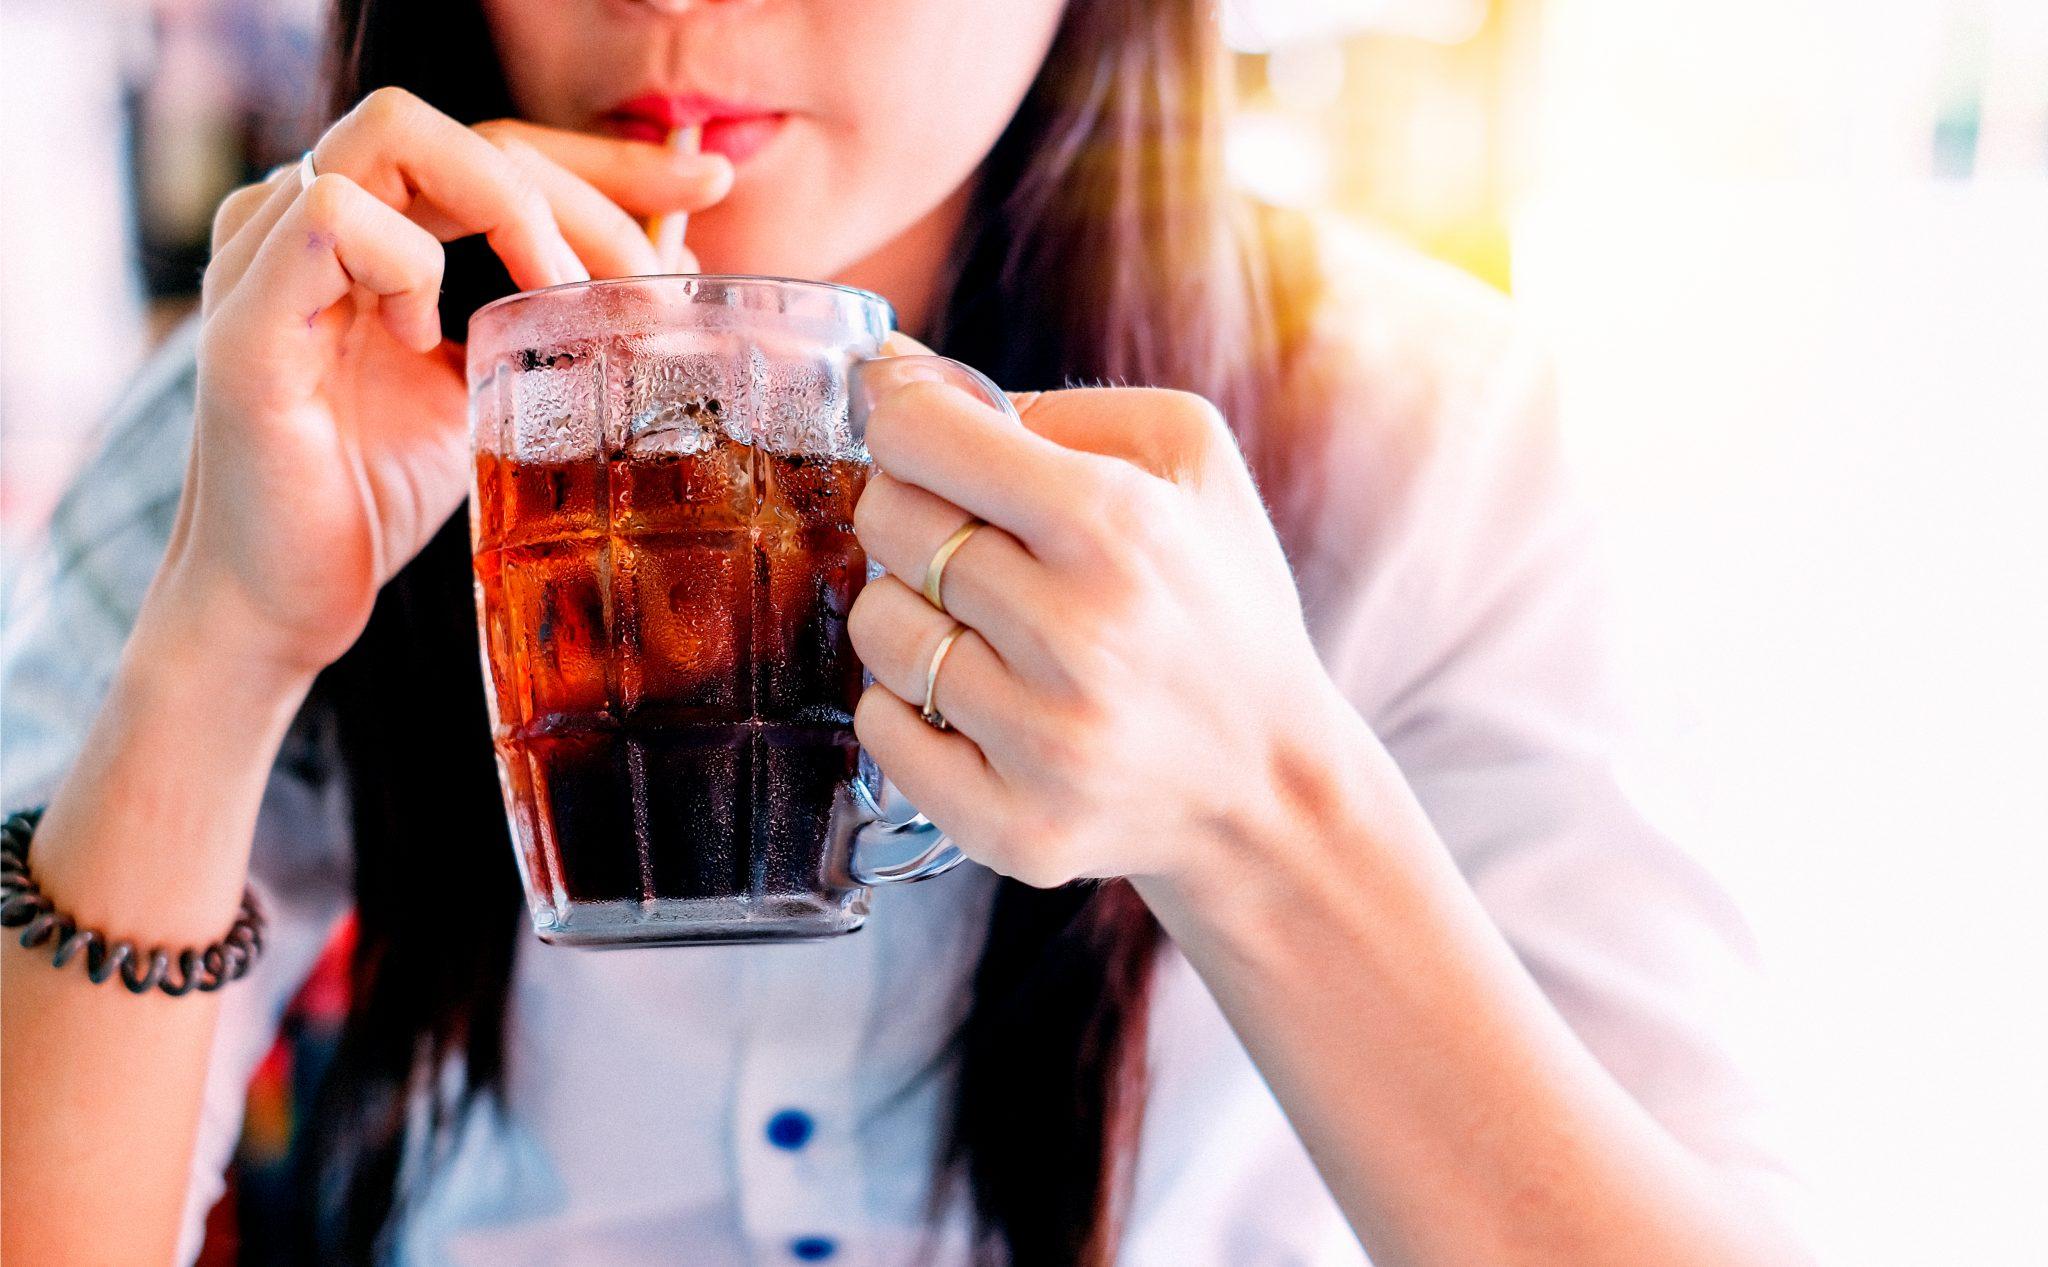 コーラを美味しそうに飲んでいる女性